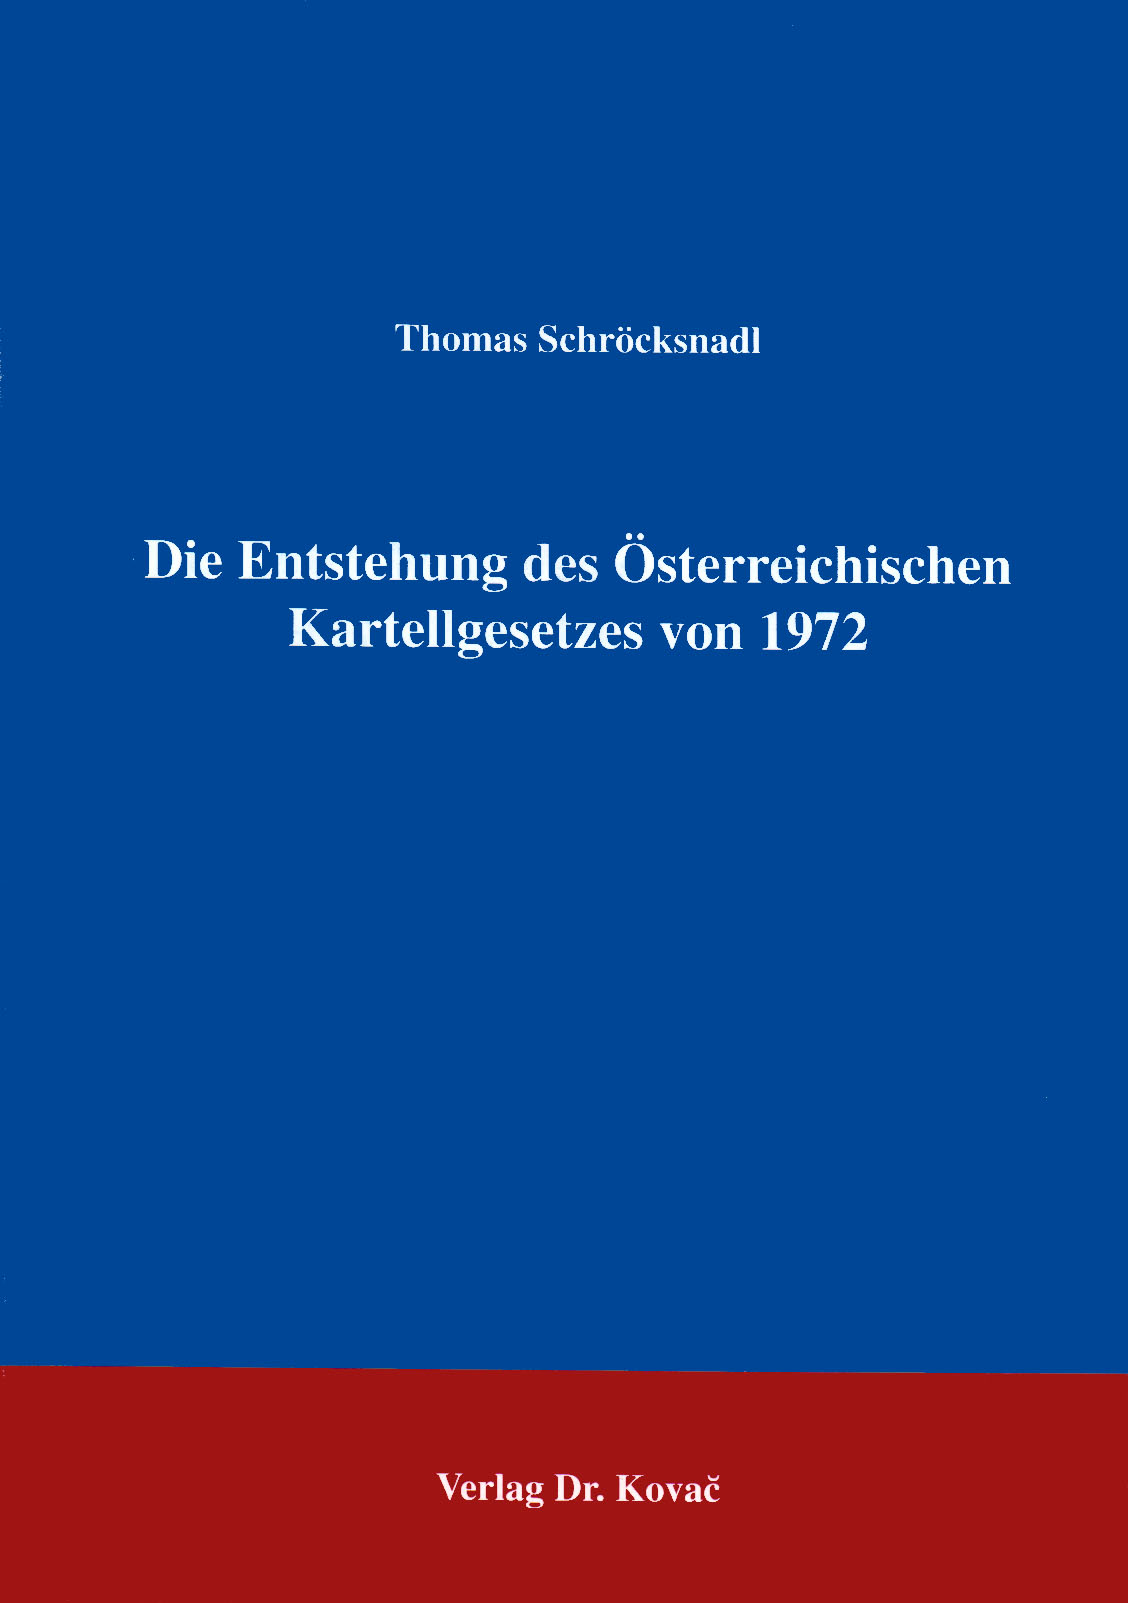 Cover: Die Entstehung des Österreichischen Kartellgesetzes von 1972